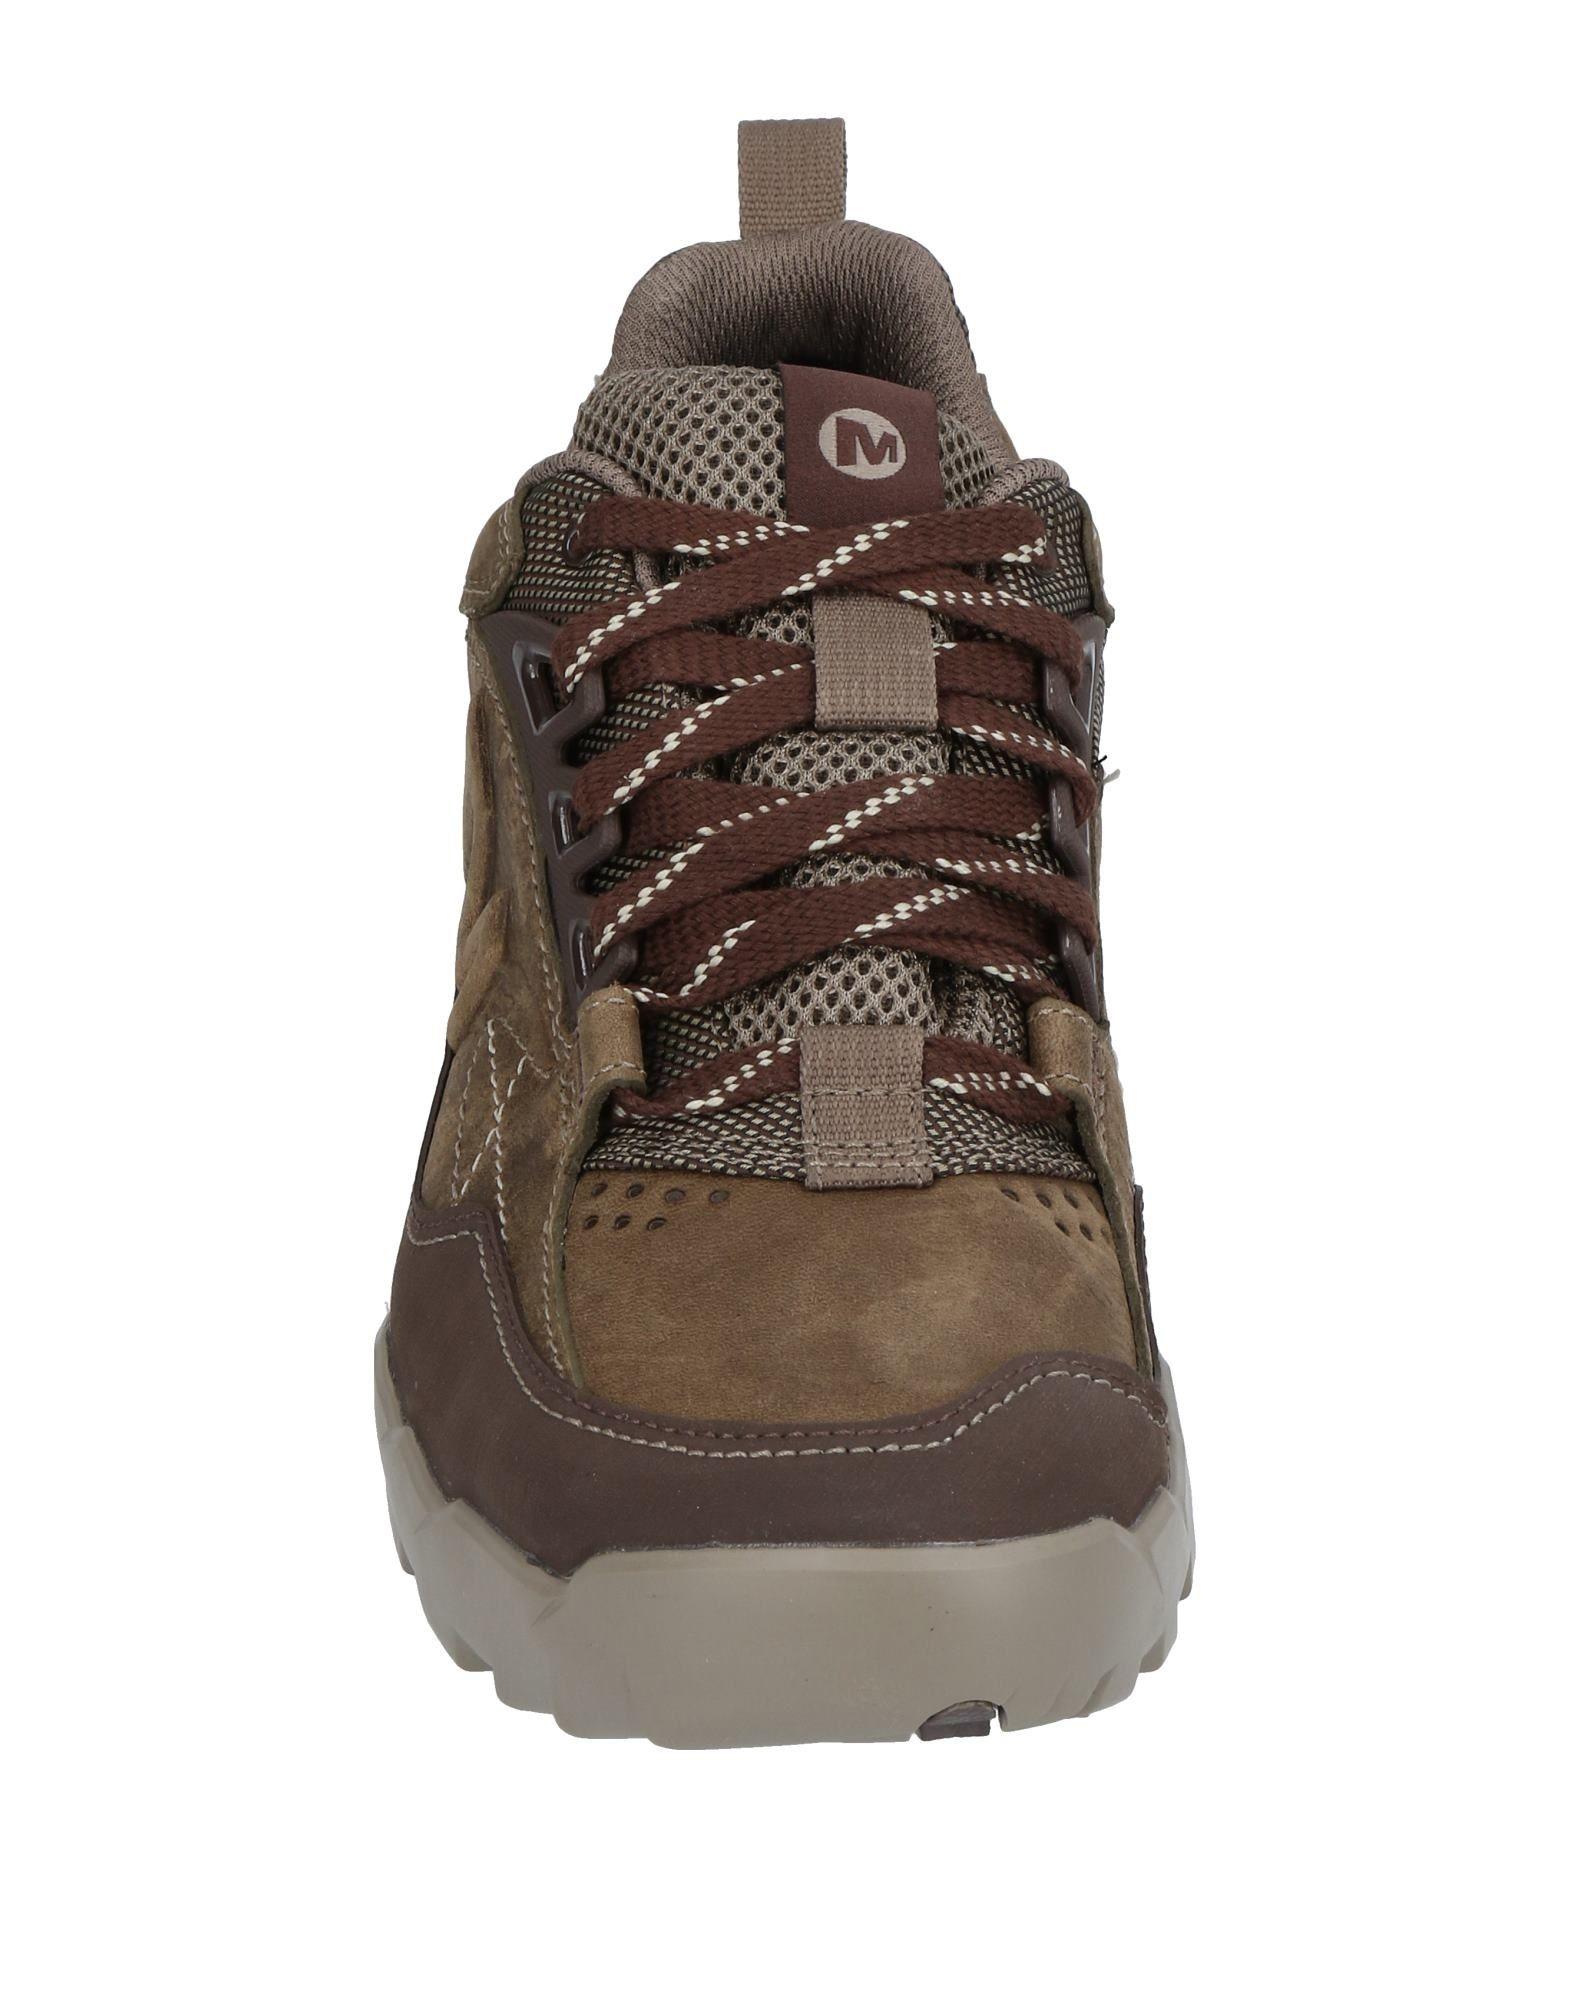 Rabatt echte  Schuhe Merrell Sneakers Herren  echte 11458993MK 0f8ea4